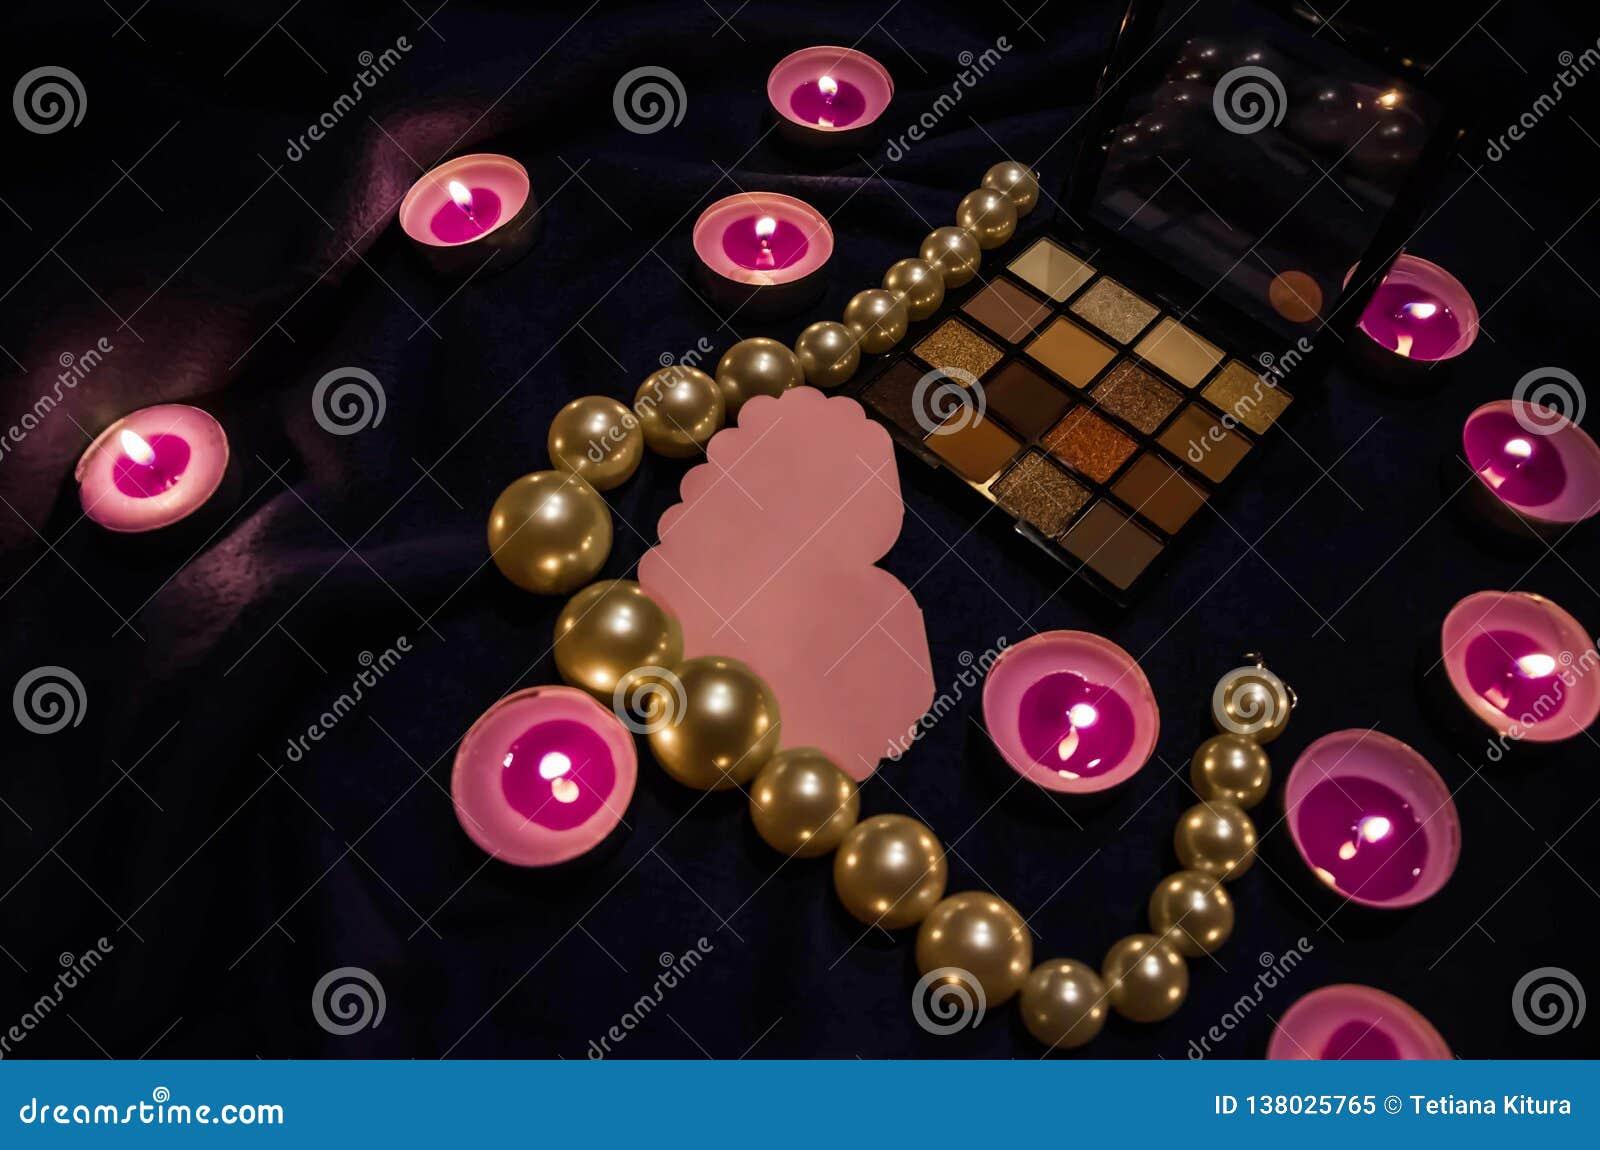 Bougies flairées, une palette des ombres, un coeur et belles perles sur une couverture